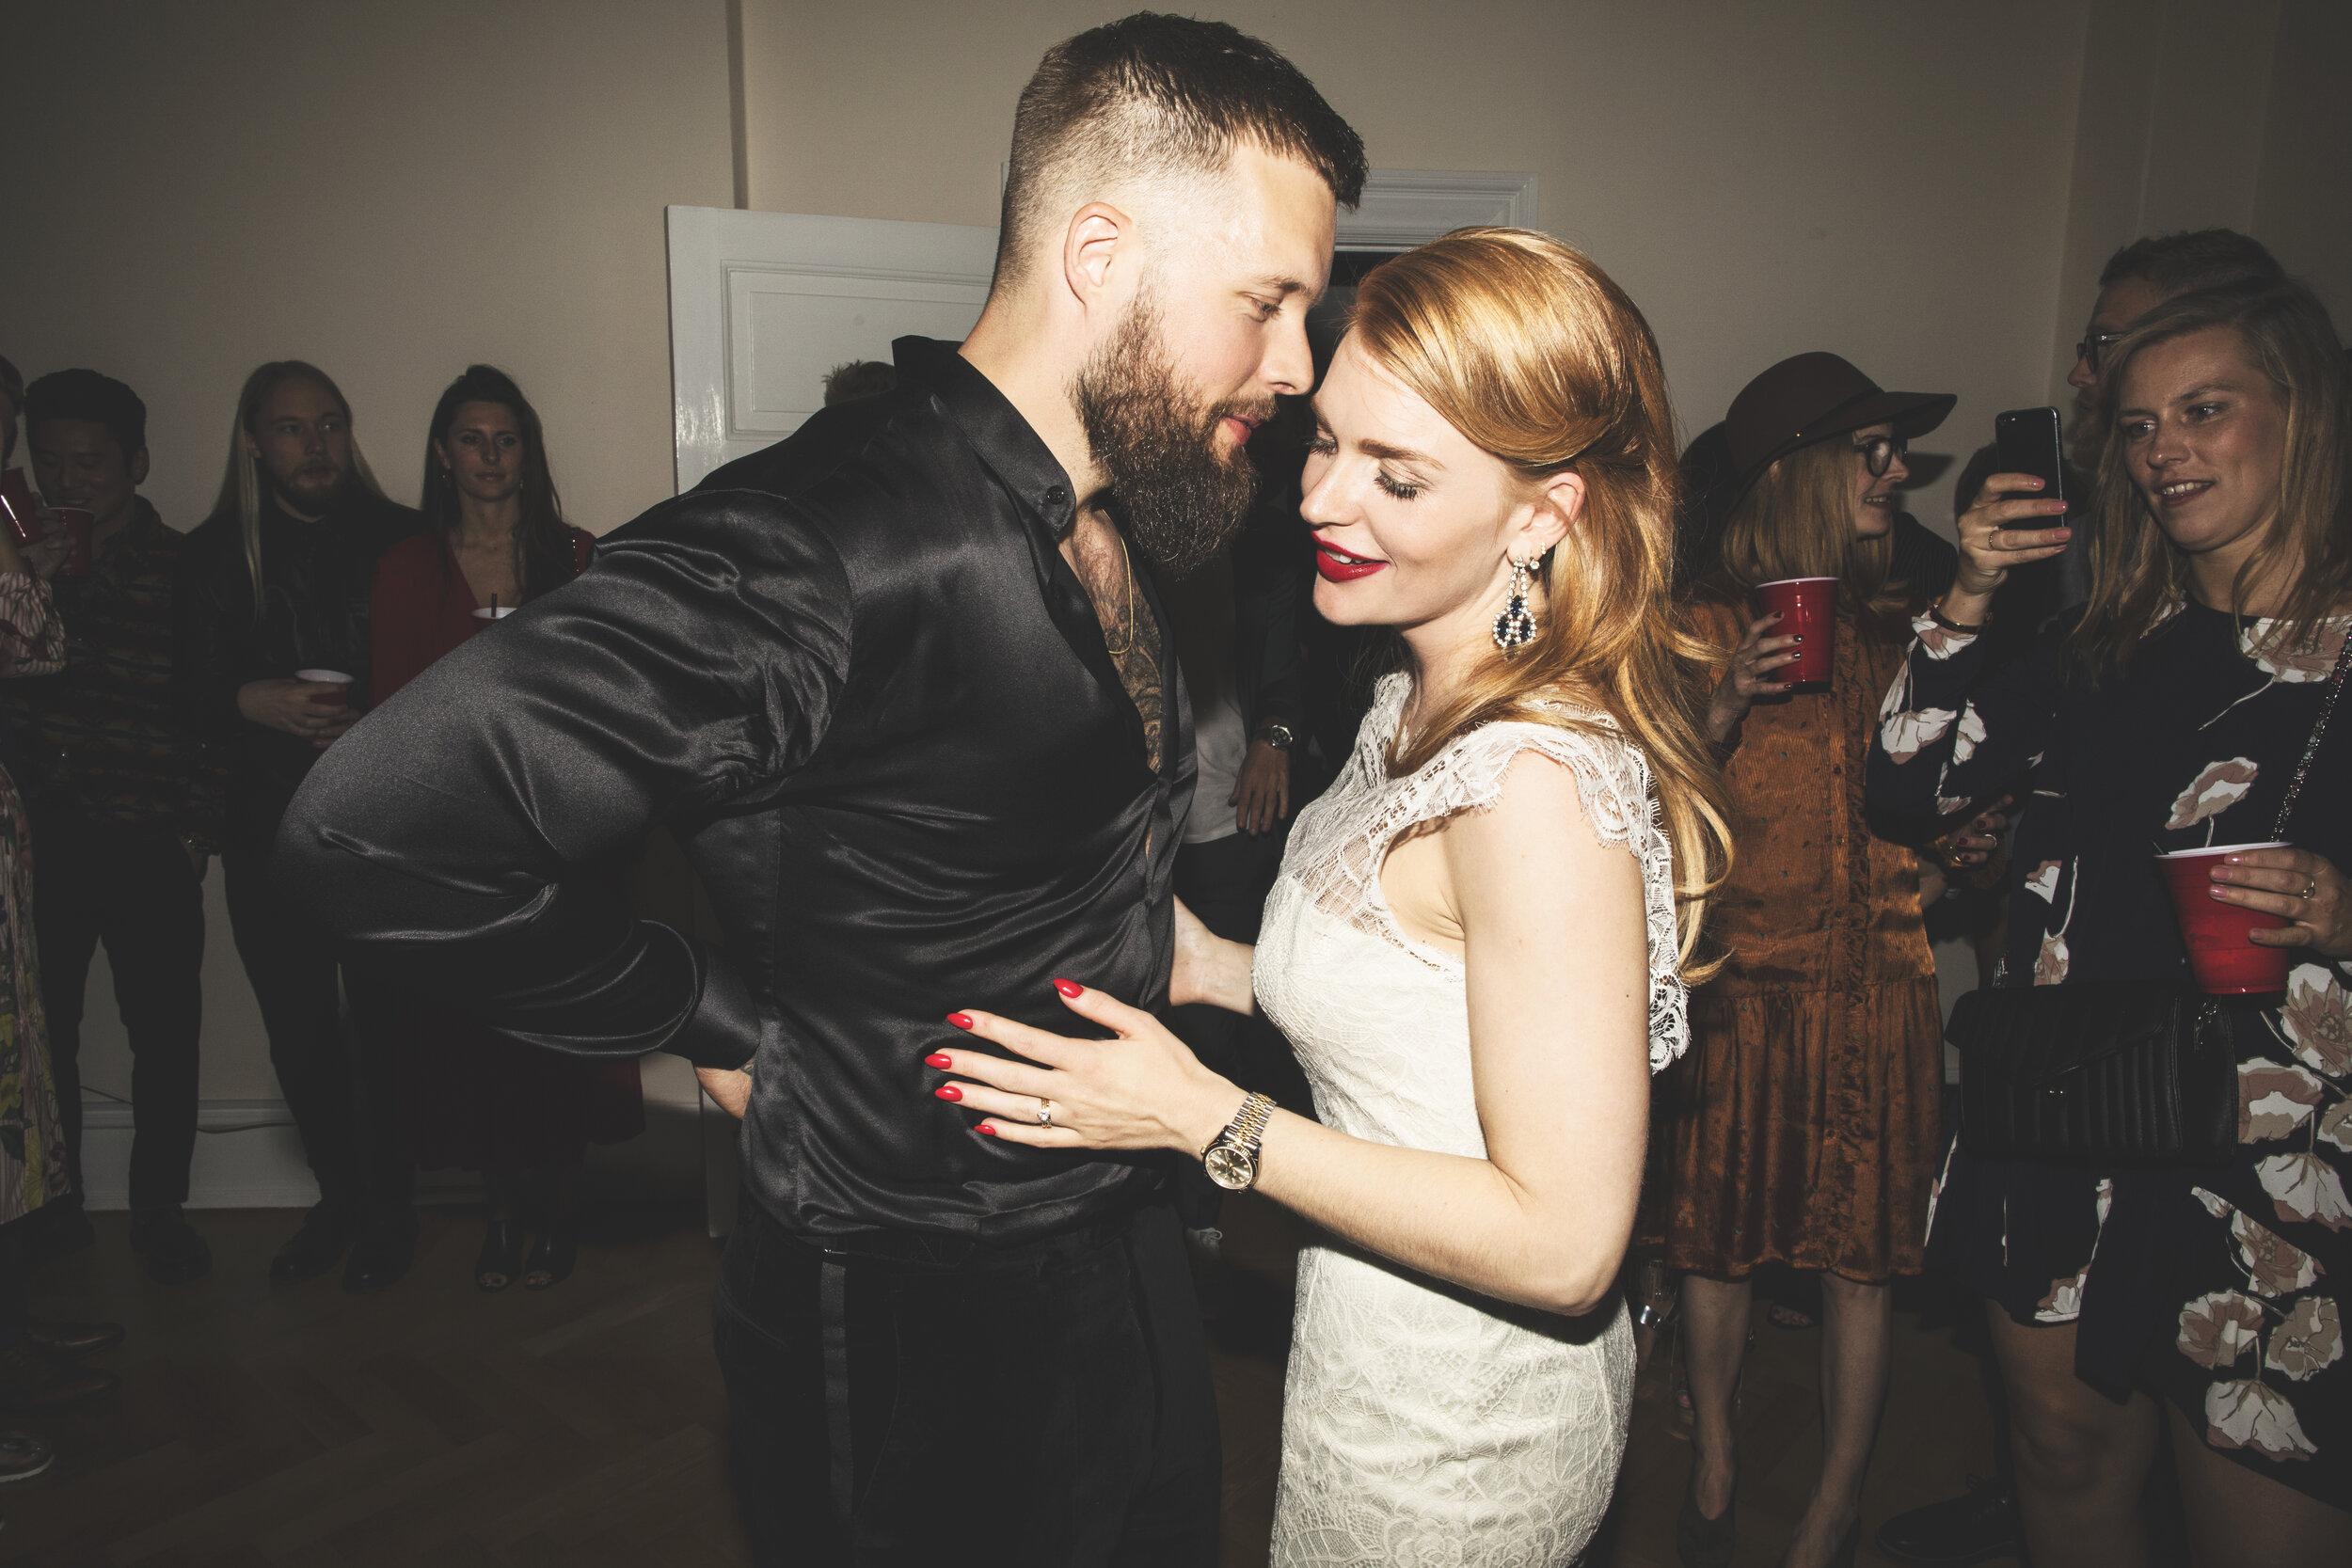 Sofie og Michael, 05.05.17 - Det er godt to et halvt år siden, at vi blev gift. Igen her til aften slog det mig, at jeg endnu ikke har fået skrevet de velfortjente ord, om en meget stilet ung kvinde, der var med til at gøre vores bryllup til virkelighed. Jeg har netop kigget alle vores bryllupsbilleder igennem og de formår at genkalde mange af de følelser vi mærkede i kroppen den dag.Sofie du skabte de smukkeste, kreative rum,  men ikke mindst også også trygge rum. Her taler jeg om de små rum i vores maver. Den tryghed vi følte, da vi overlod al koordinering til dig, med ro og tro på, at du havde alt under kontrol. Vi ser frem til den dag, hvor vi vil forny vores løfter over for hinanden & vores nærmeste. Der er ingen tvivl om, at det vil blive med Brink Bryllup i spidsen.Af hjertet tak,Michael & Sofie